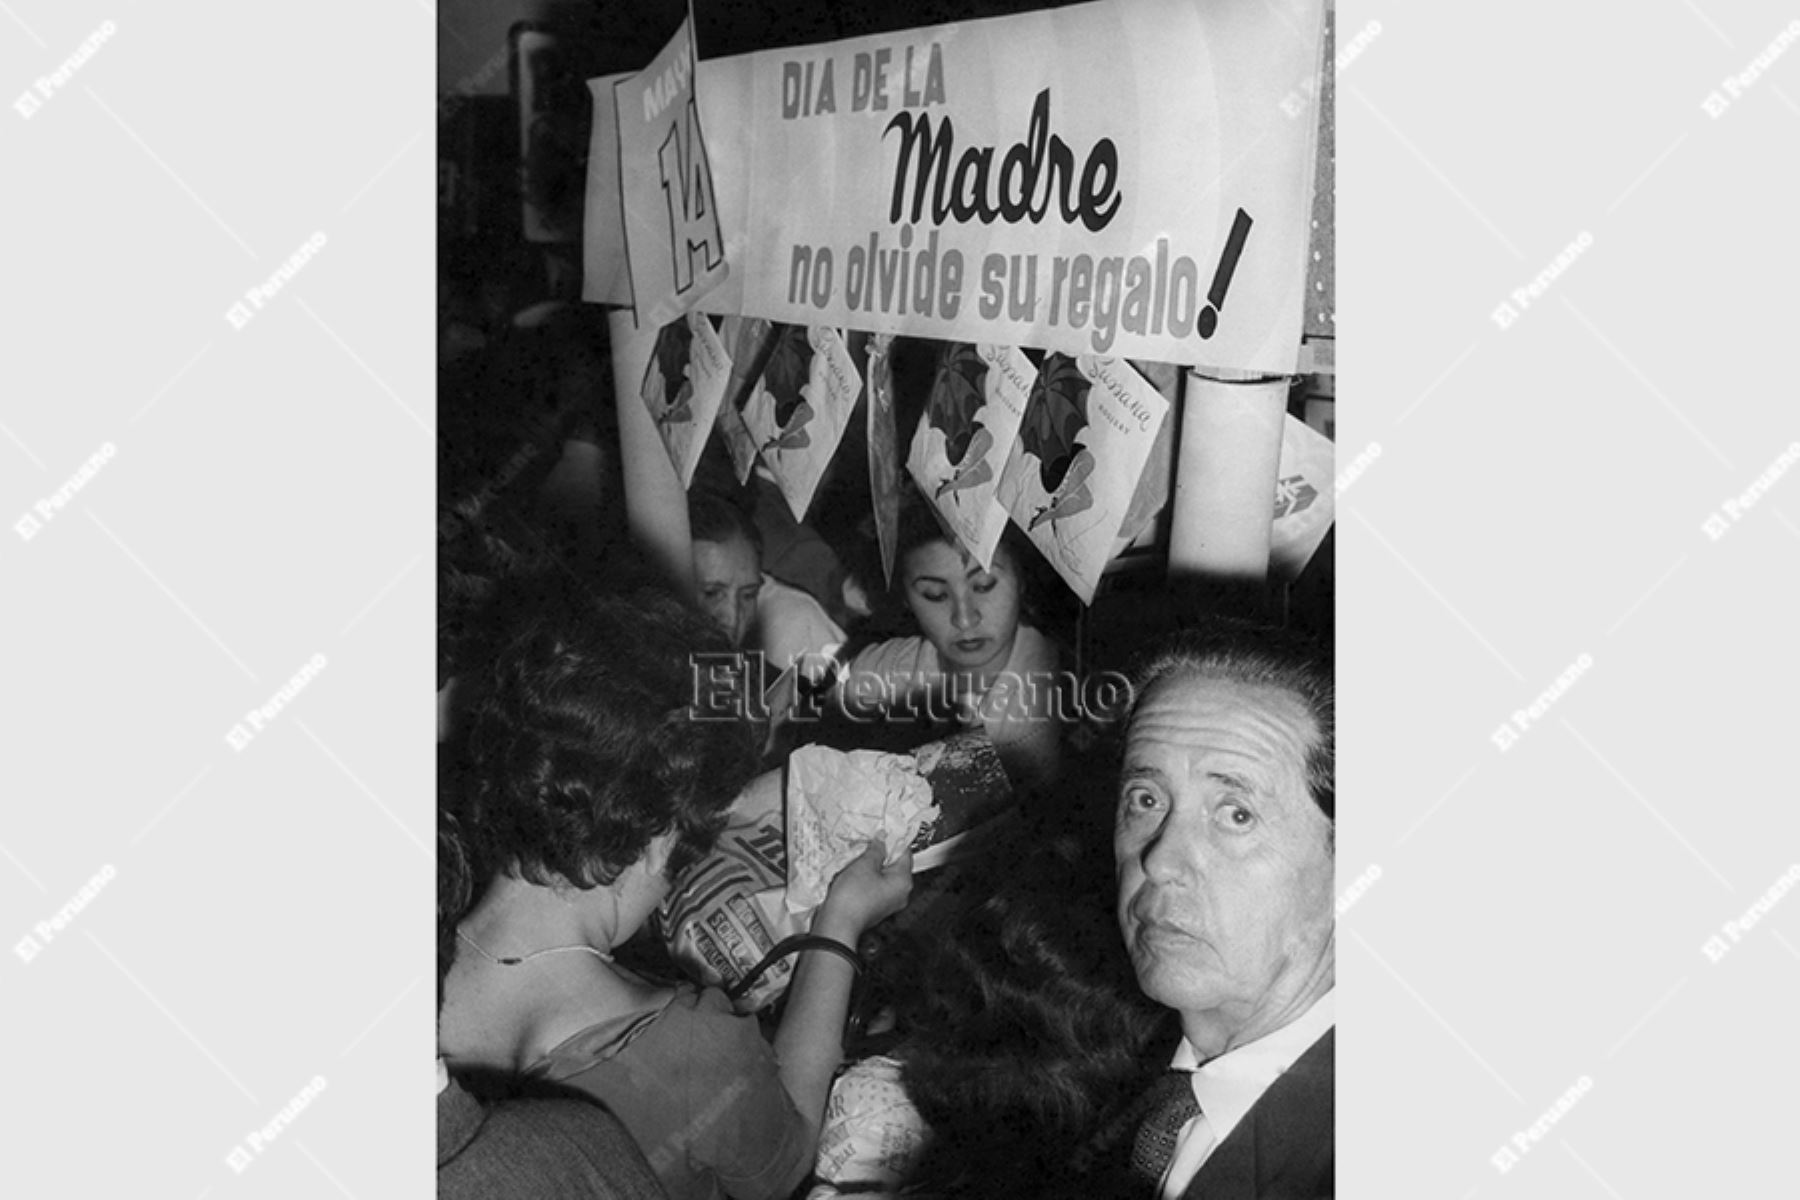 Lima - 13 mayo 1961 / Las tiendas del centro de Lima lucen abarrotadas de público en la víspera del Día de la Madre. Foto: Archivo Histórico de El Peruano